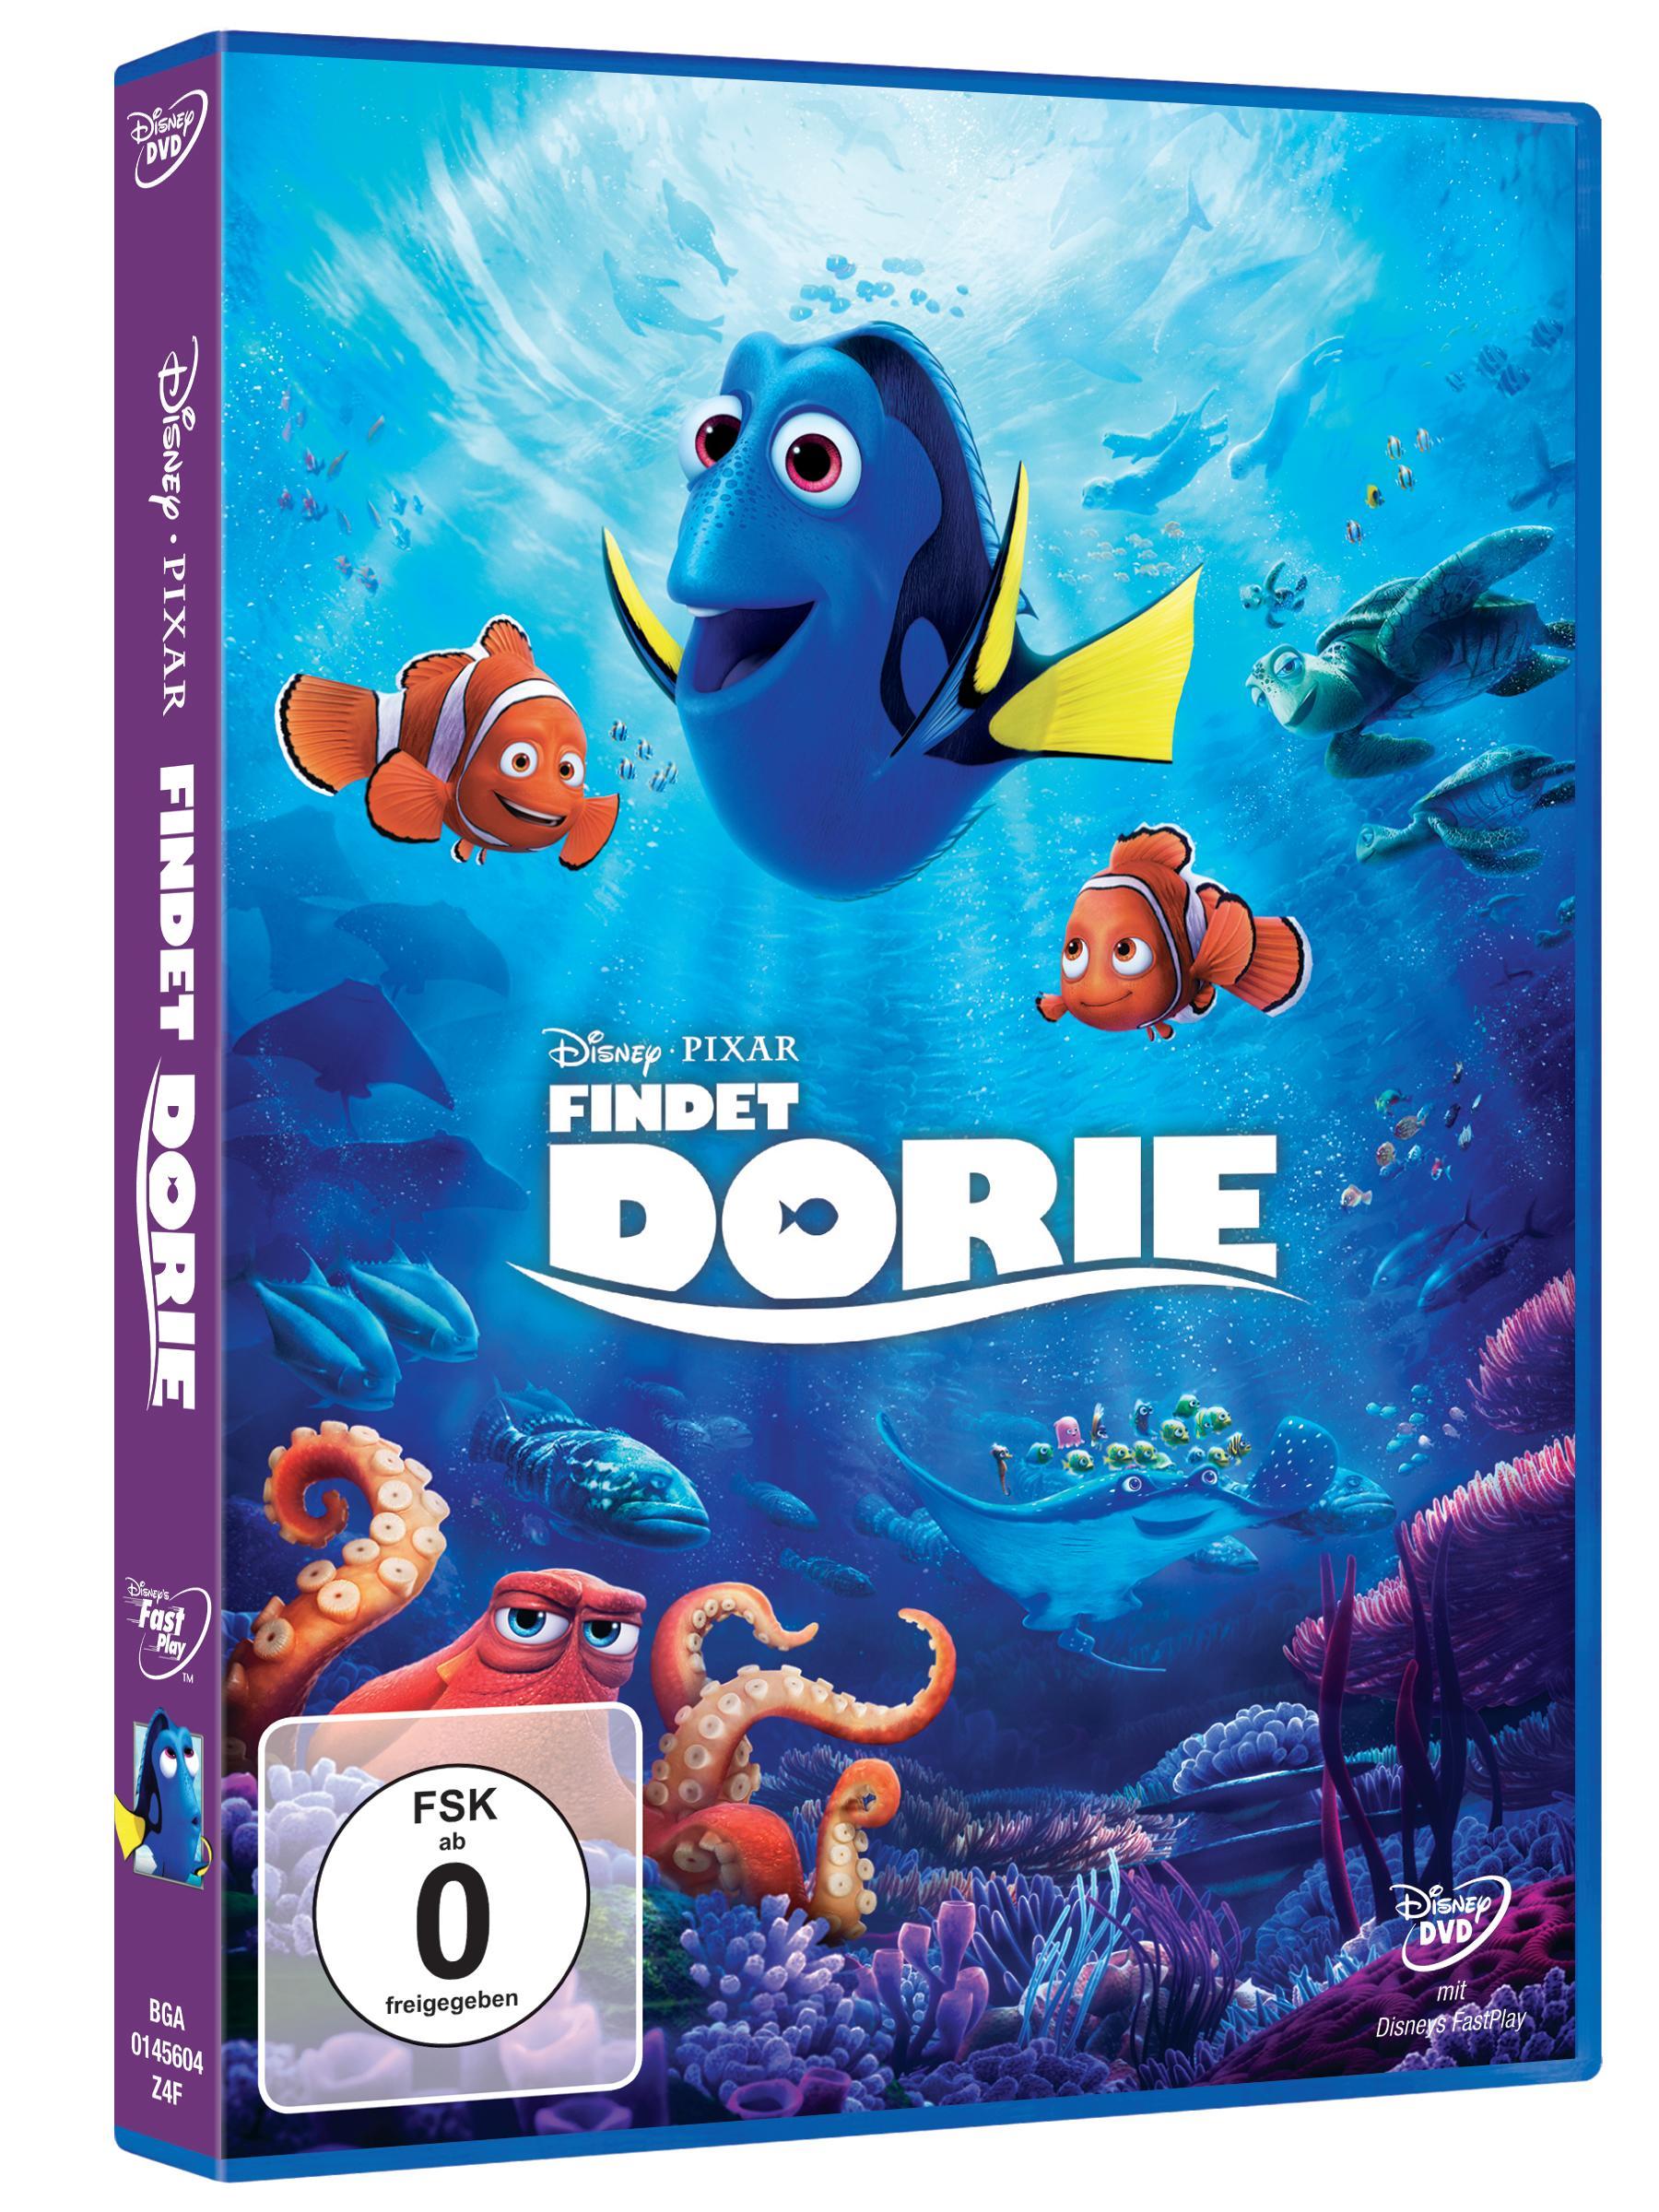 Disney Pixar - Findet Dorie DVD